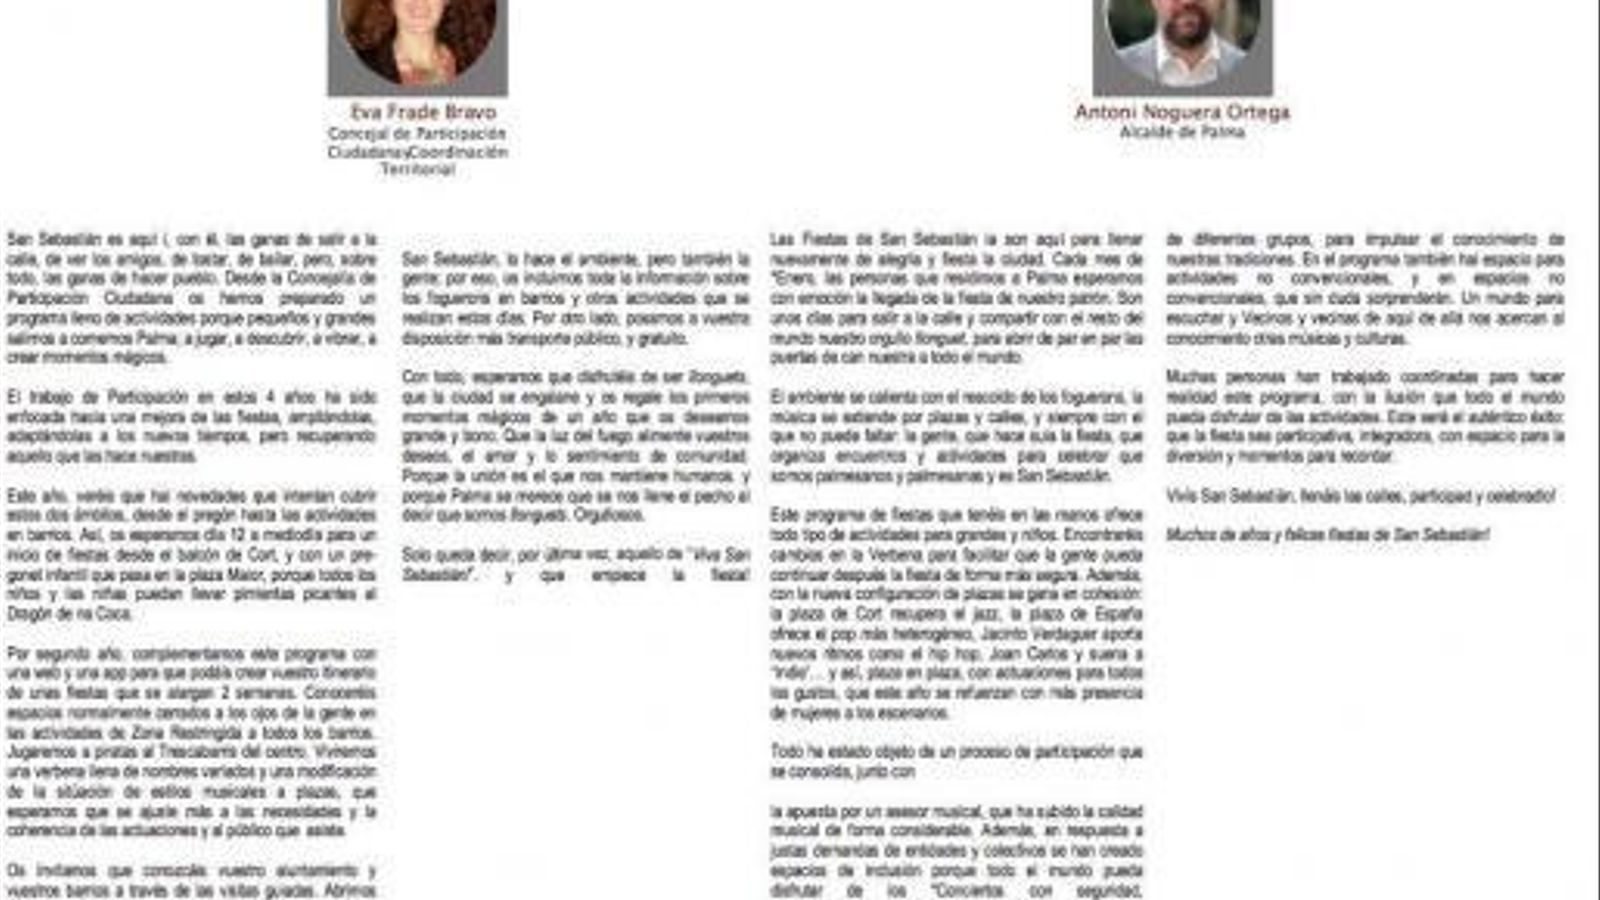 Programa de les festes de Sant Sebastià publicat a la web de l'Ajuntament de Palma